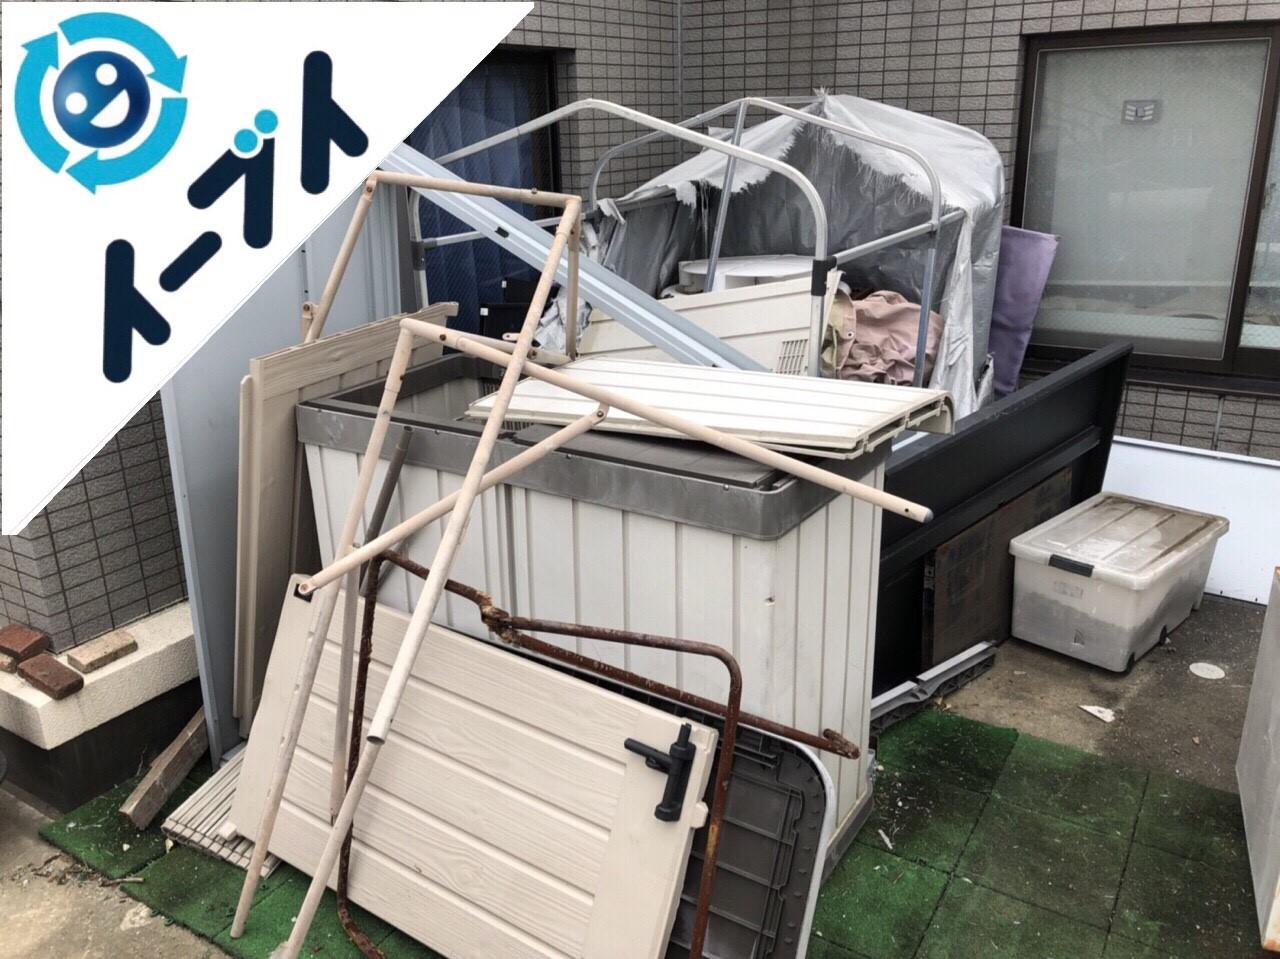 2018年6月7日【後編】大阪府吹田市でベランダのキャンプ用品や廃品の不用品回収。写真6